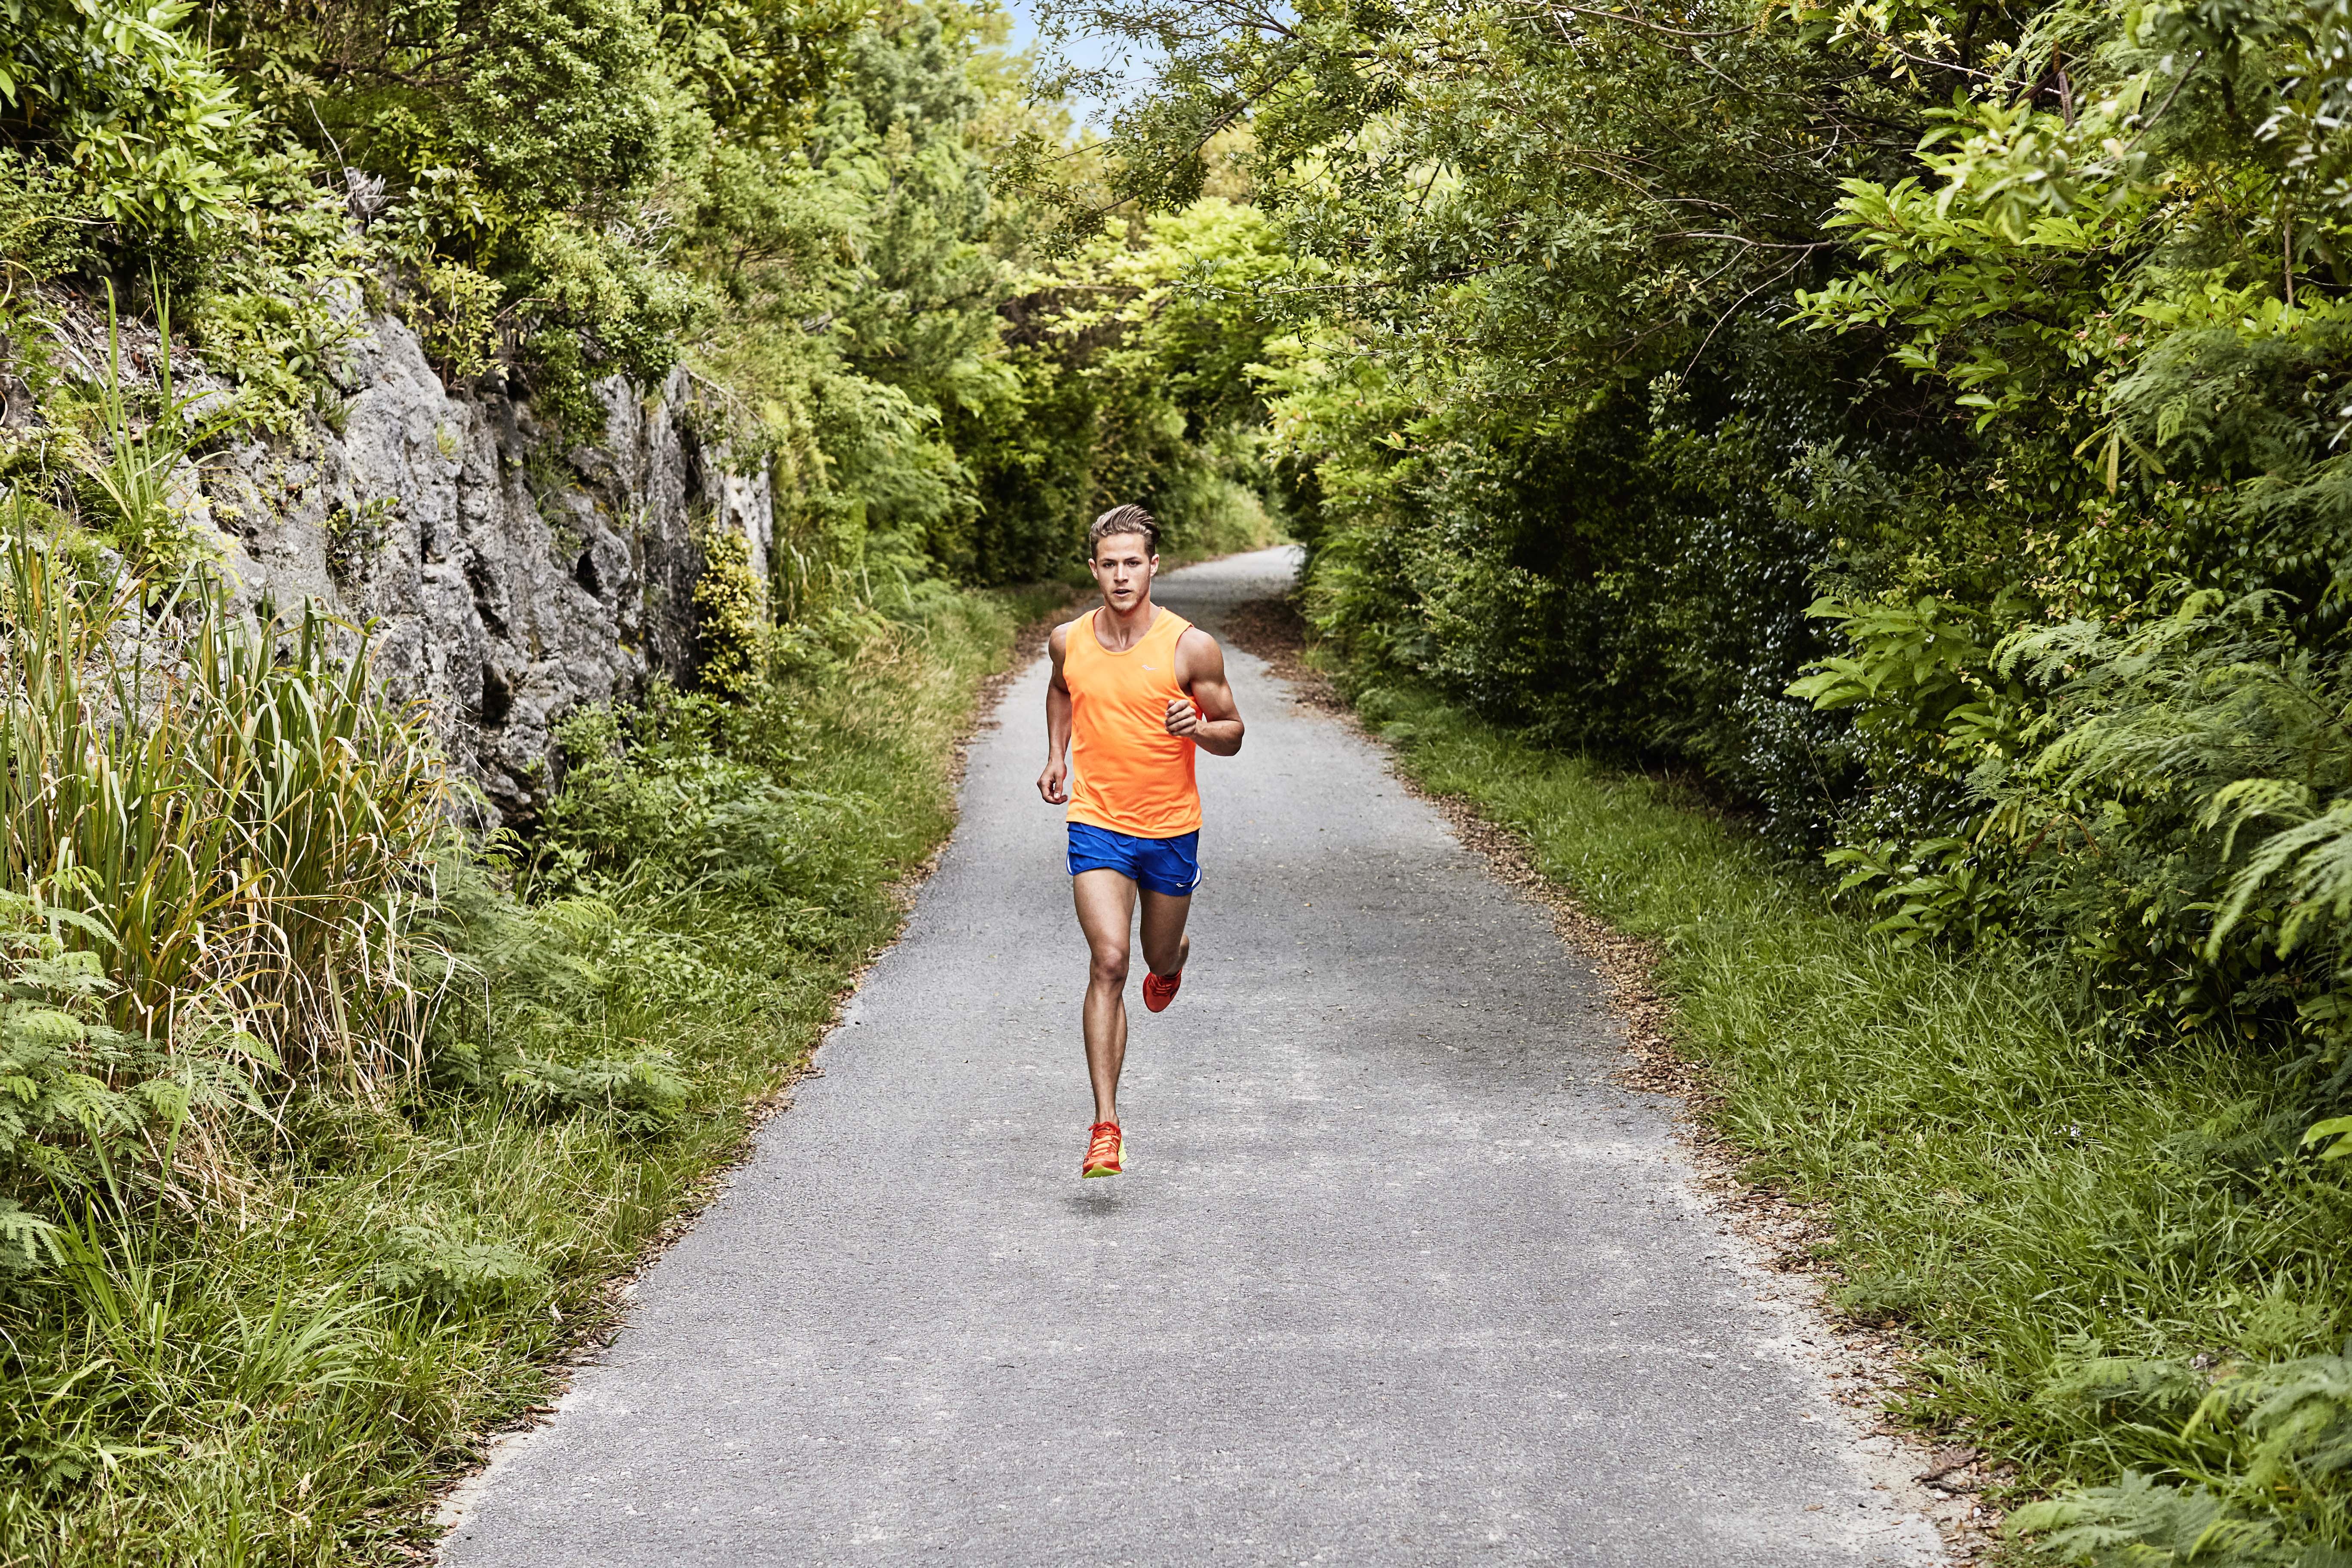 El método Galloway: correr-caminar-correr para terminar